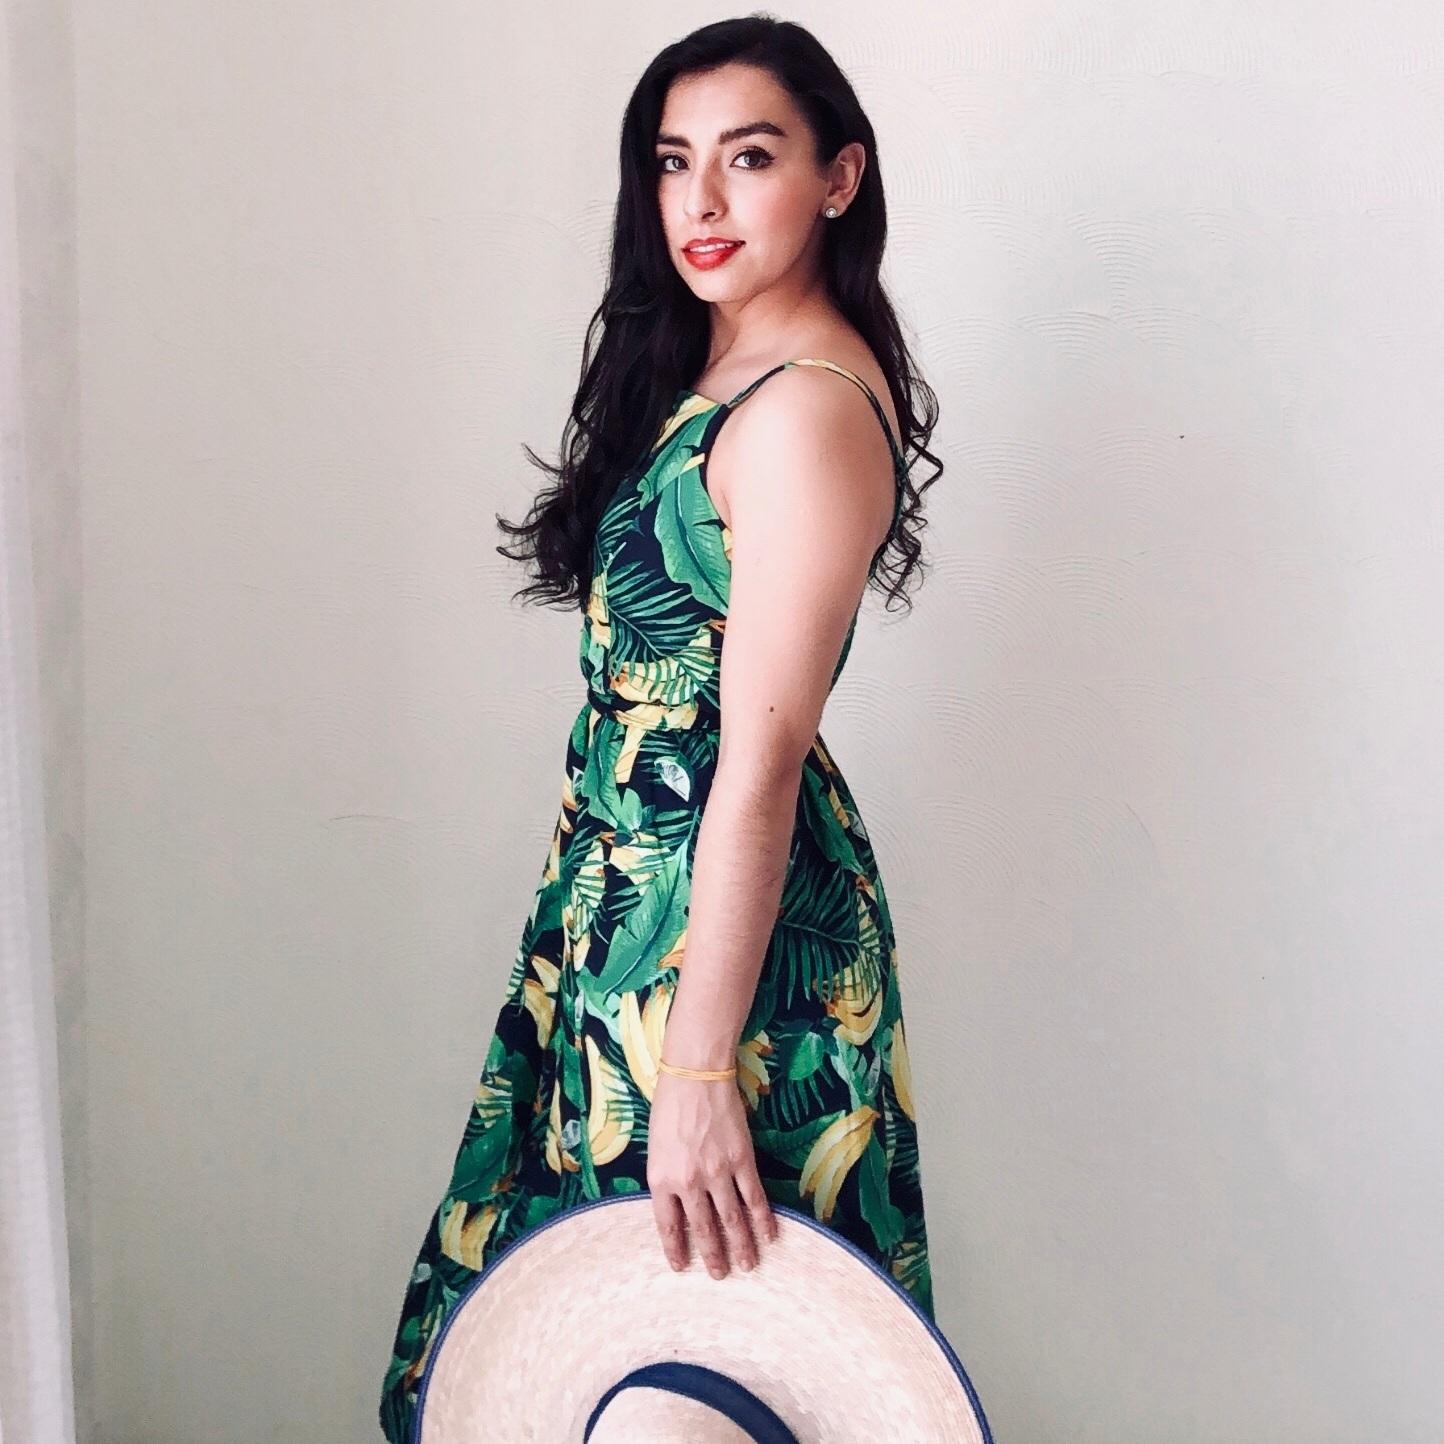 Vestido: Old Navy, Sombrero: artesanía mexicana